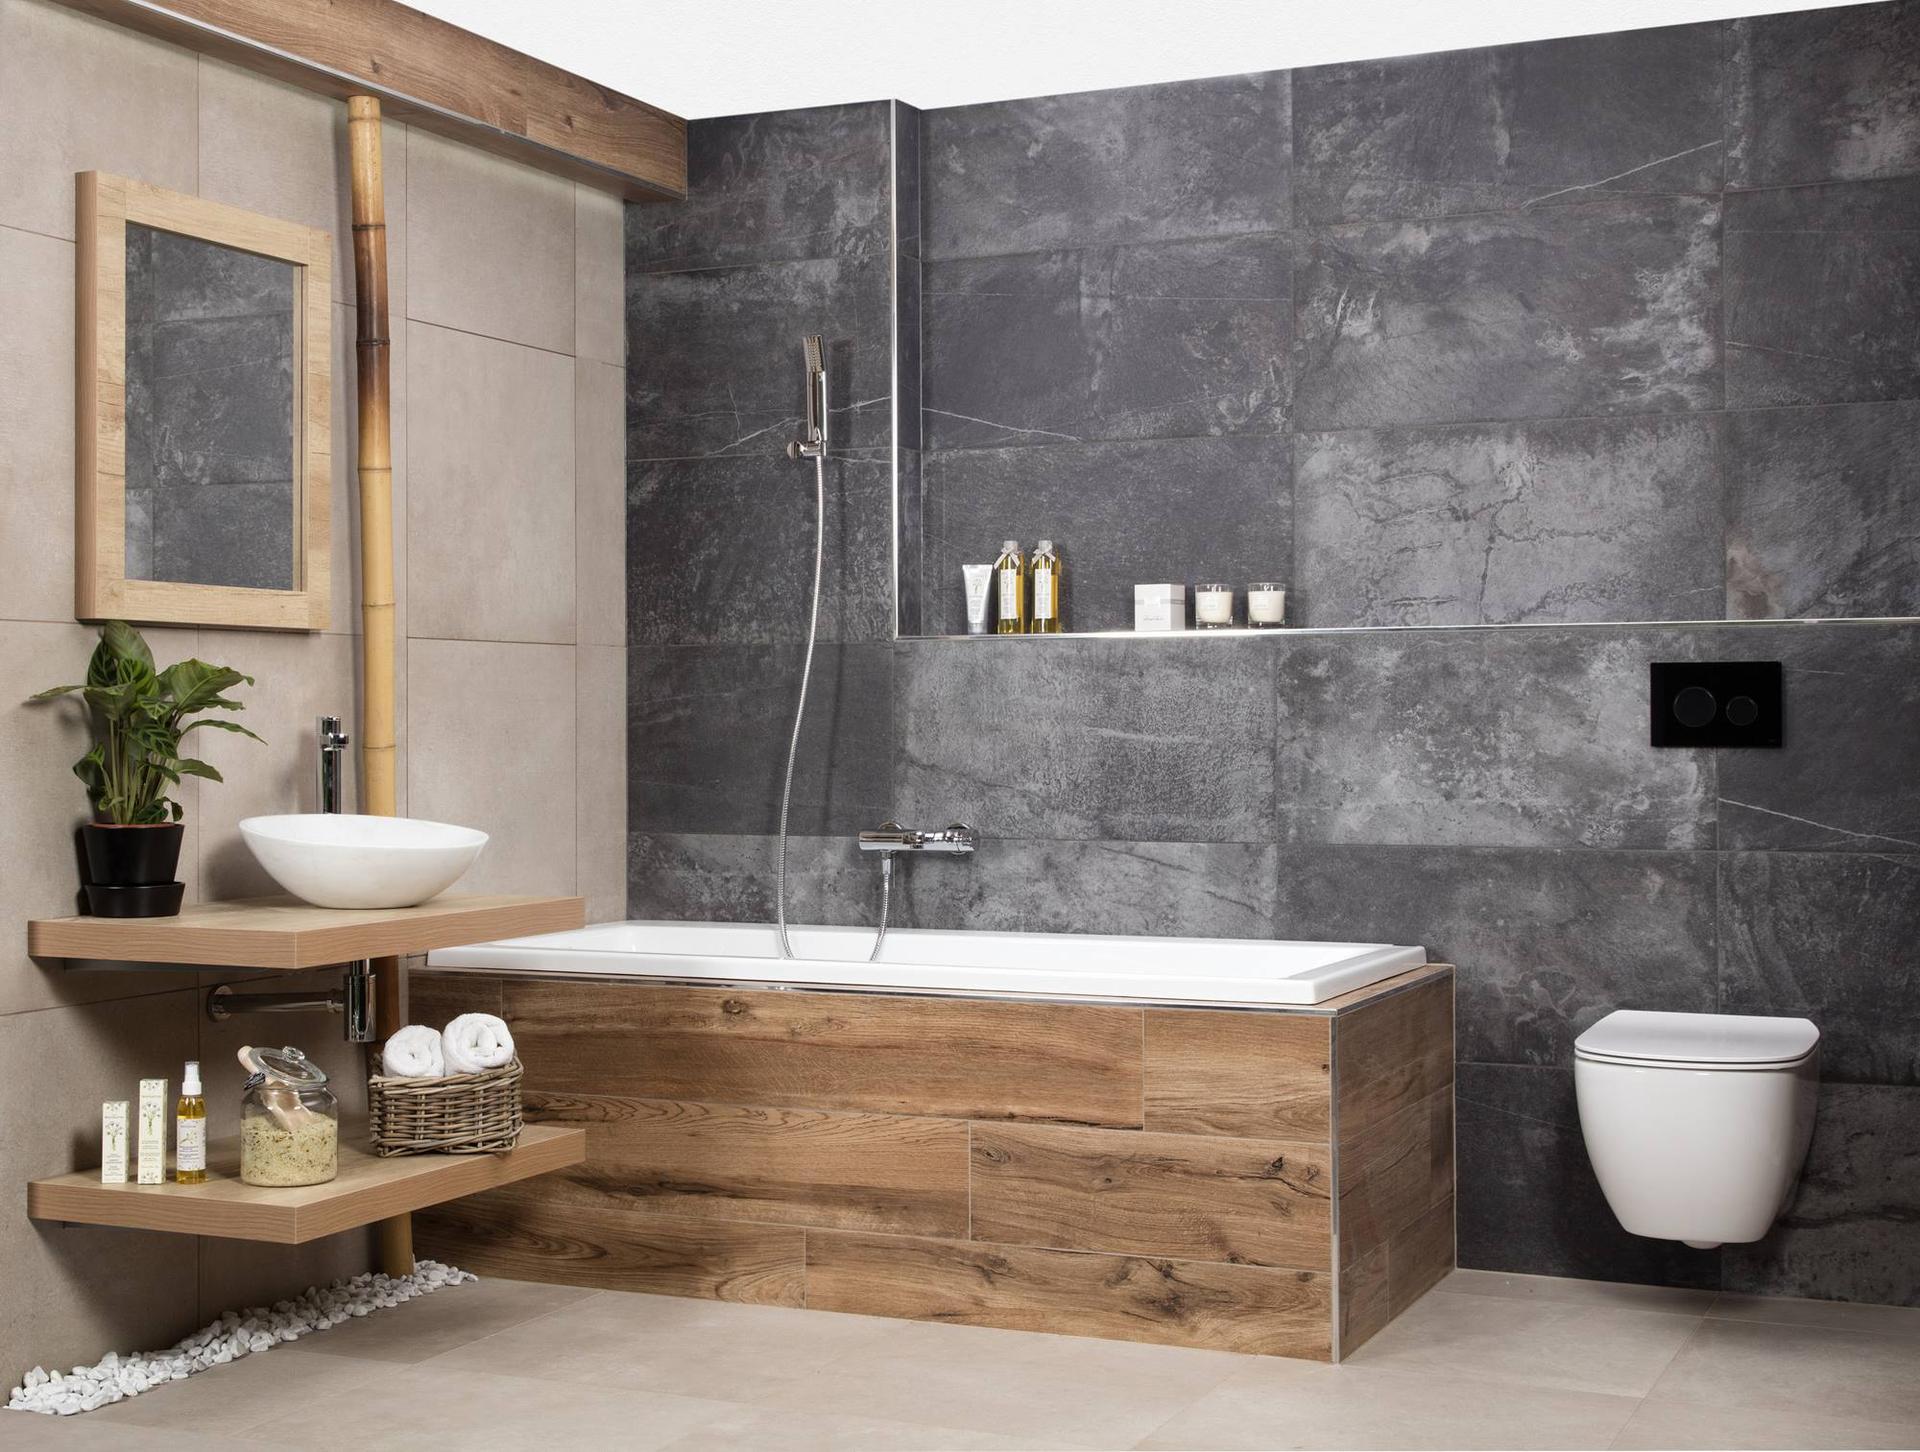 Zdravím,  s manželem nás doslova uchvátila tato koupelna a včera jsme viděli i v podobném duchu kuchyn. Máte někdo doma ?Mohla bych poprosit o fotku?  Kuchyn měla být původně bílá + dub ale tato do nás nějak udeřila tzv. :) - Obrázek č. 1